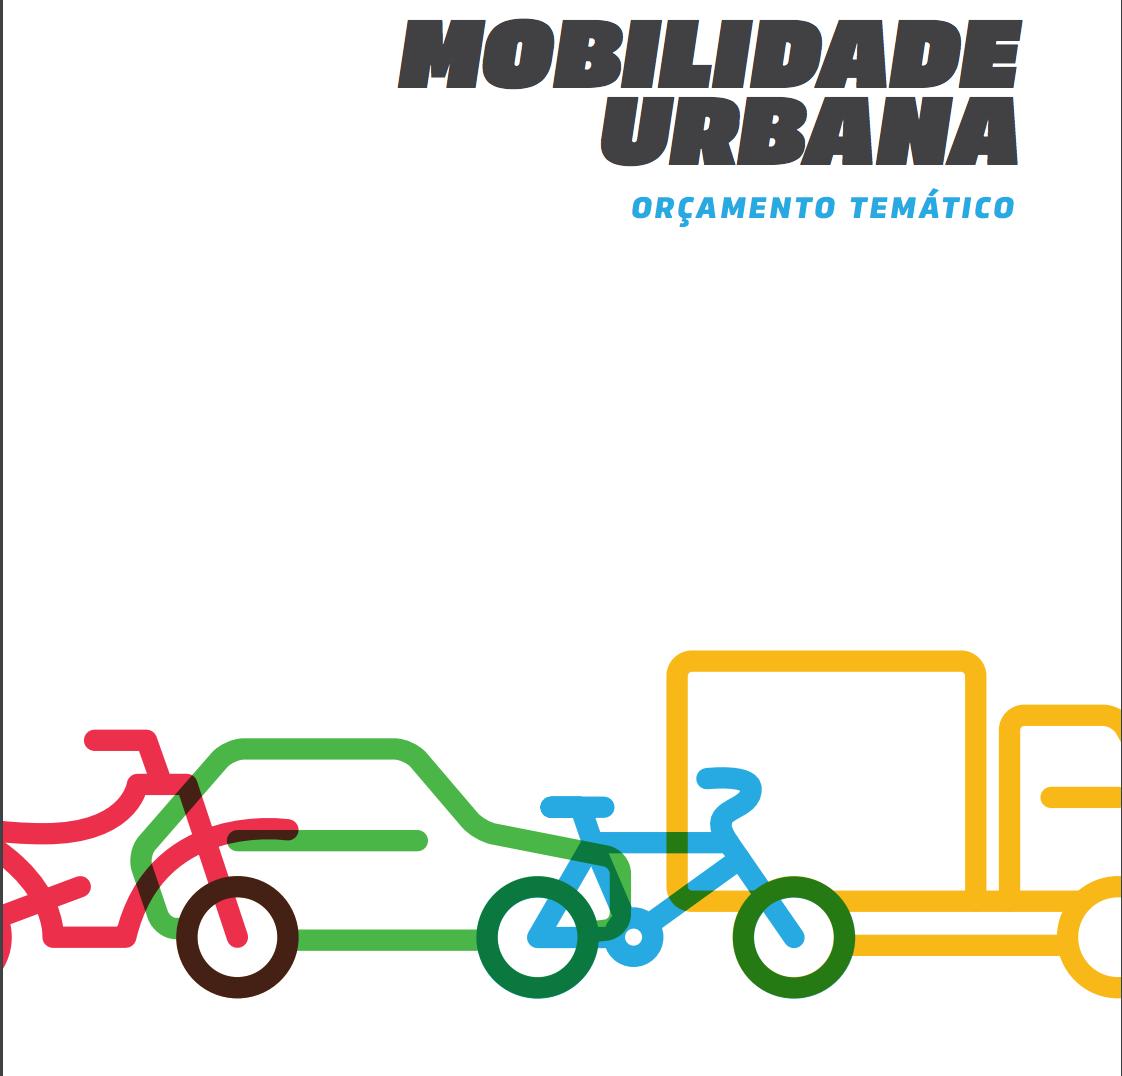 Artigo: Orçamento Temático da Mobilidade Urbana